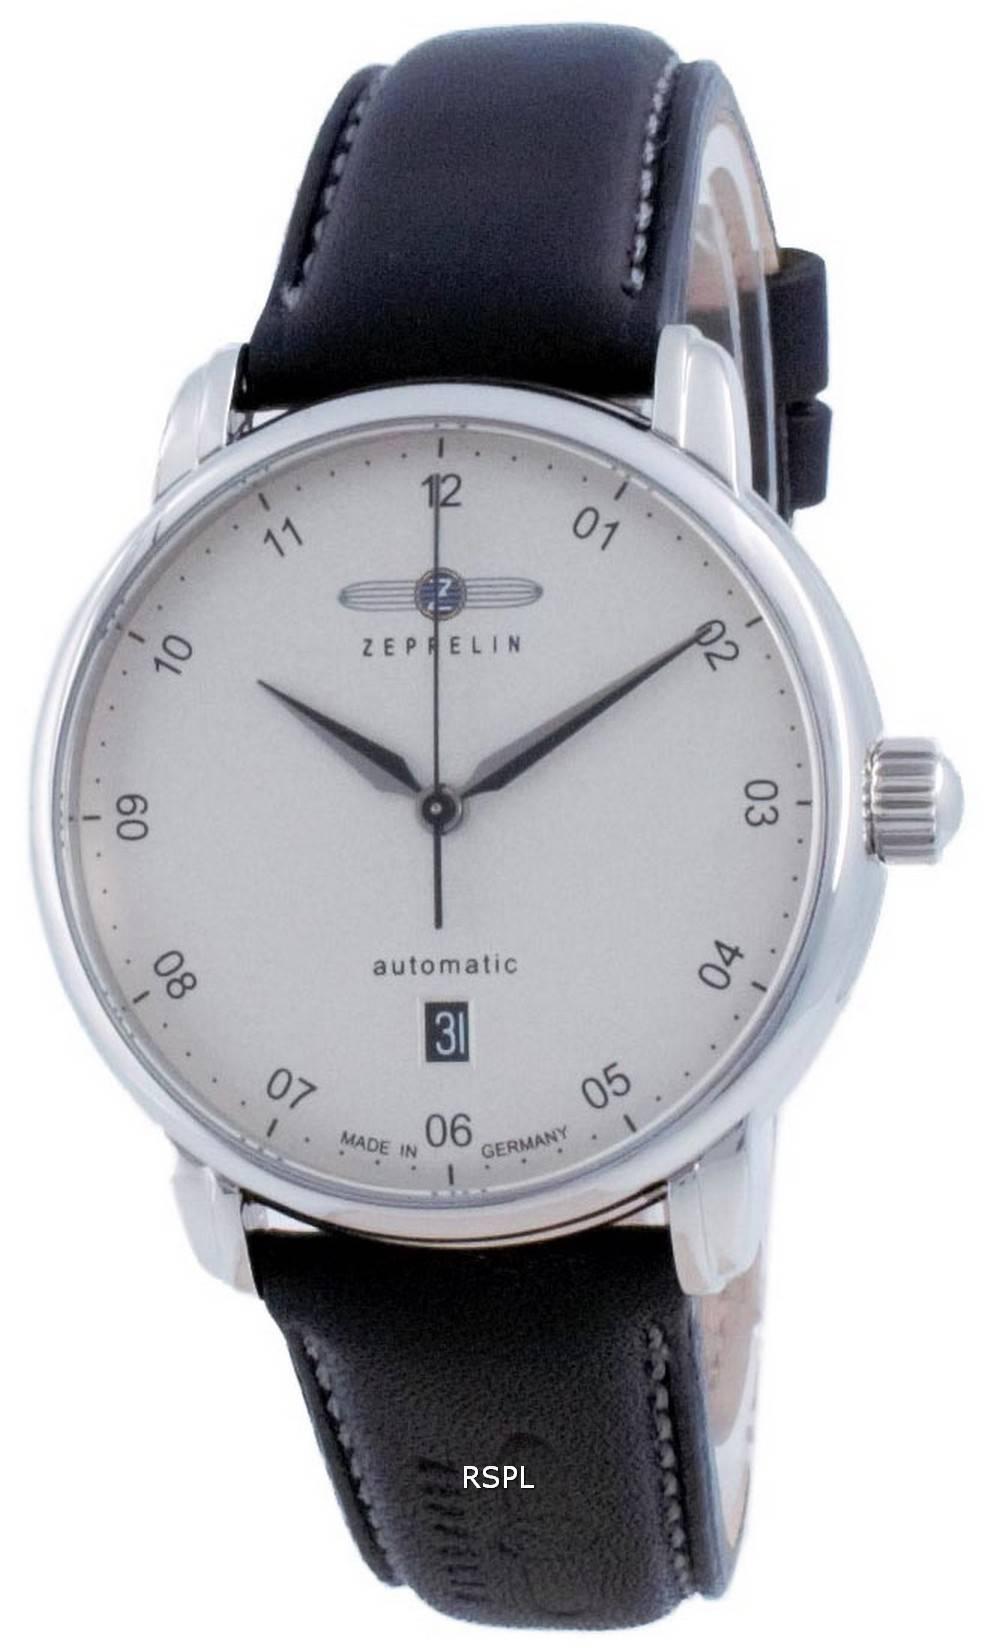 Zeppelin uuden kapteenin linjan hopeanvärinen automaattinen 8652-1 86521 miesten kello